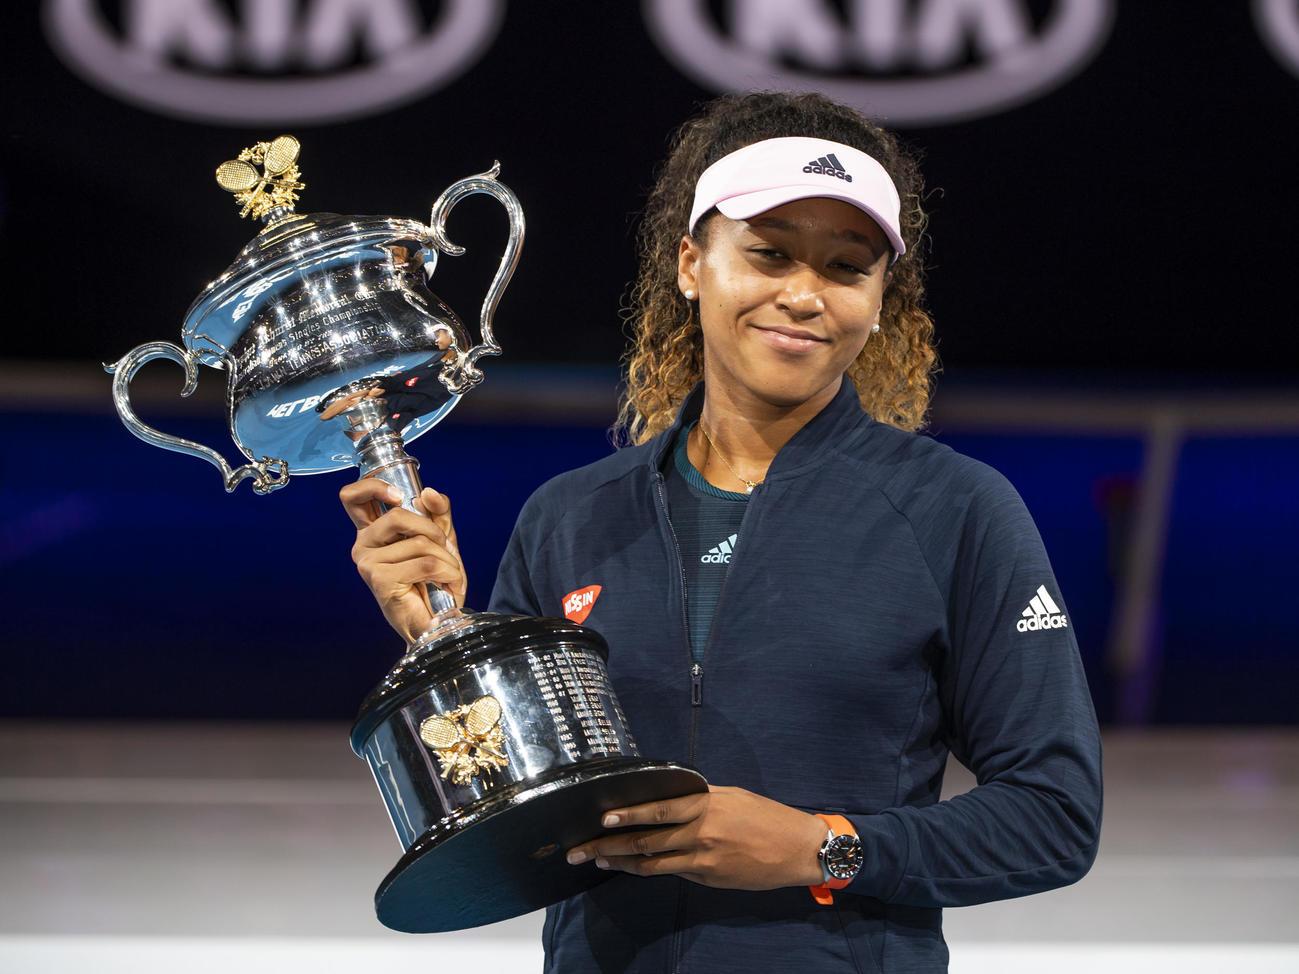 19年1月、全豪オープン女子シングルスで優勝し、トロフィーを手にする大坂